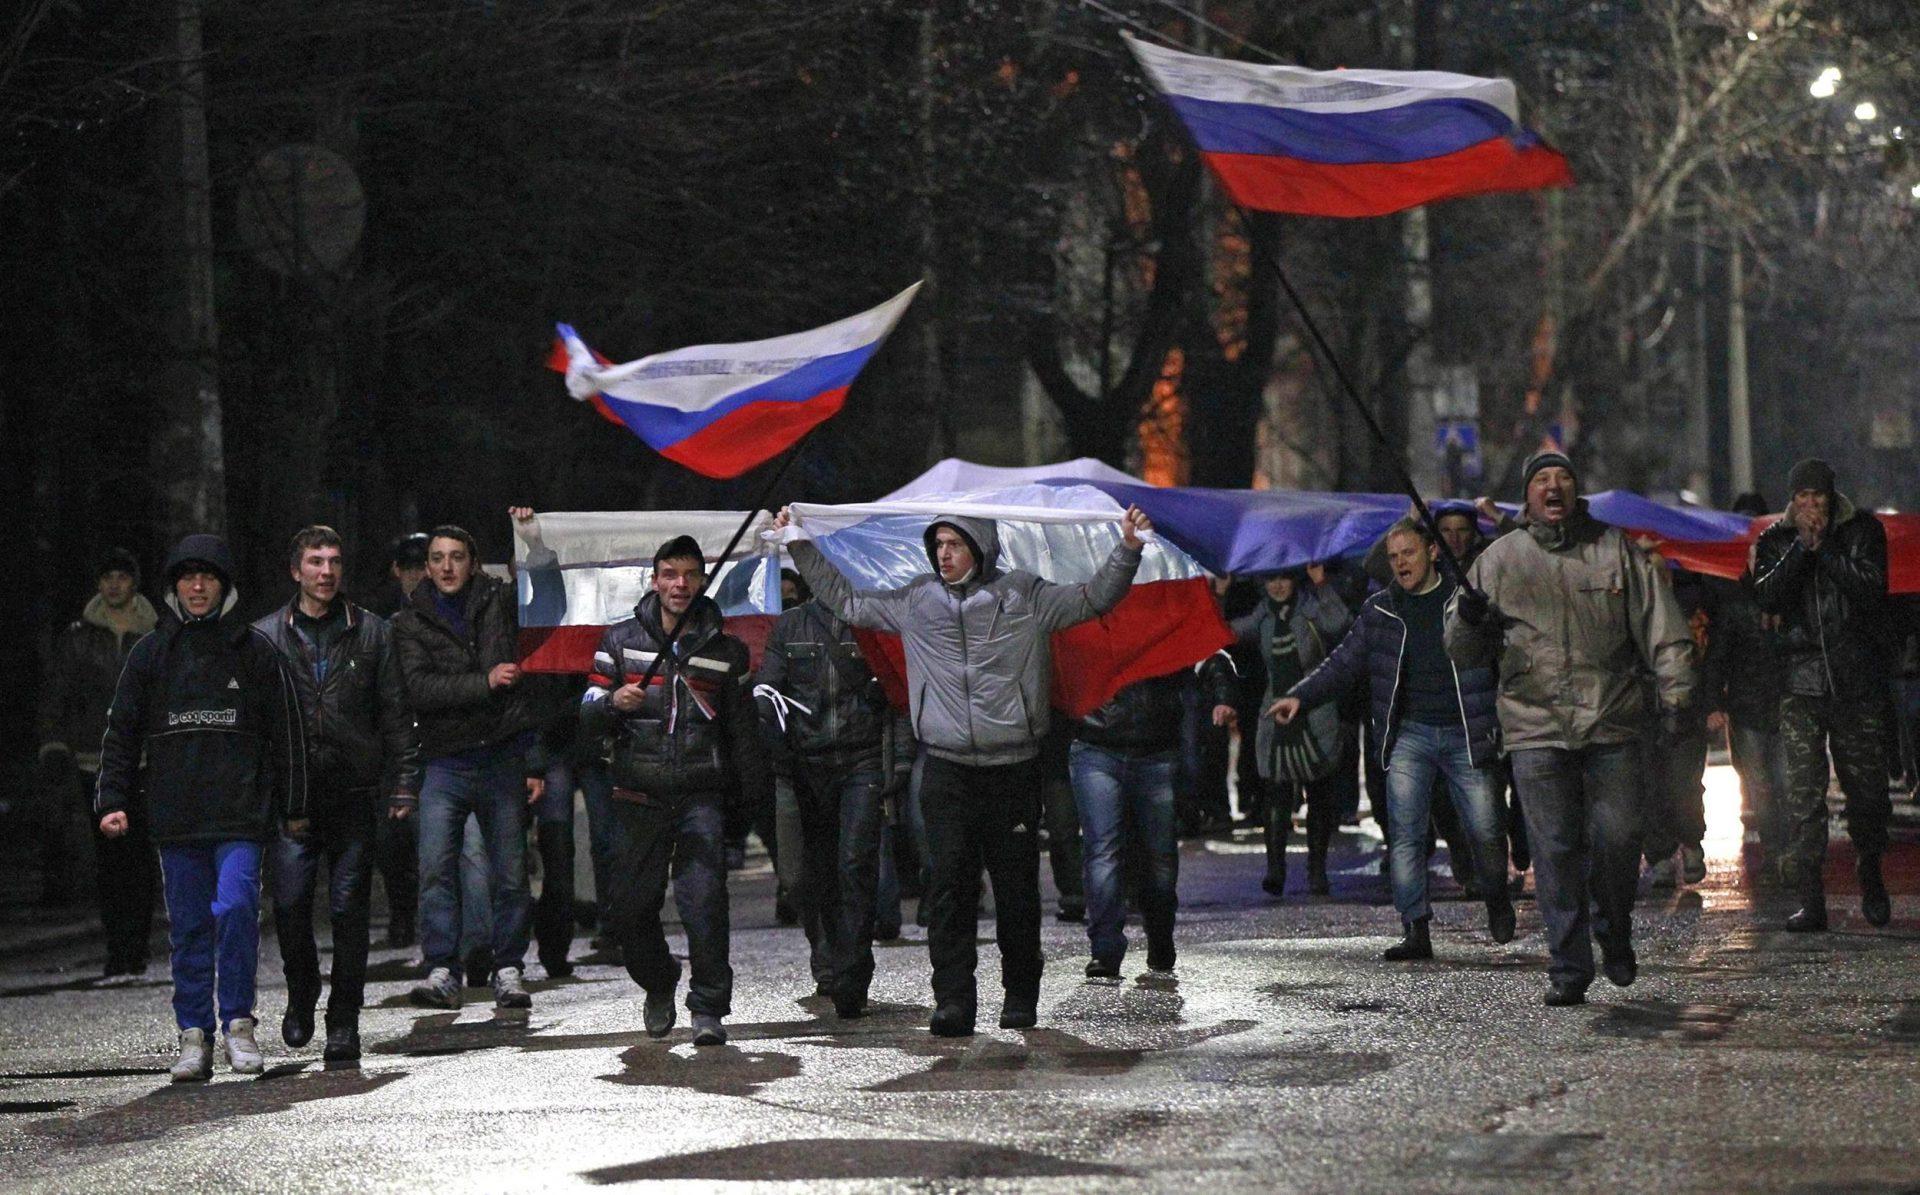 Conflictul din Crimeea, condamnat dur de Adunarea Generală a ONU